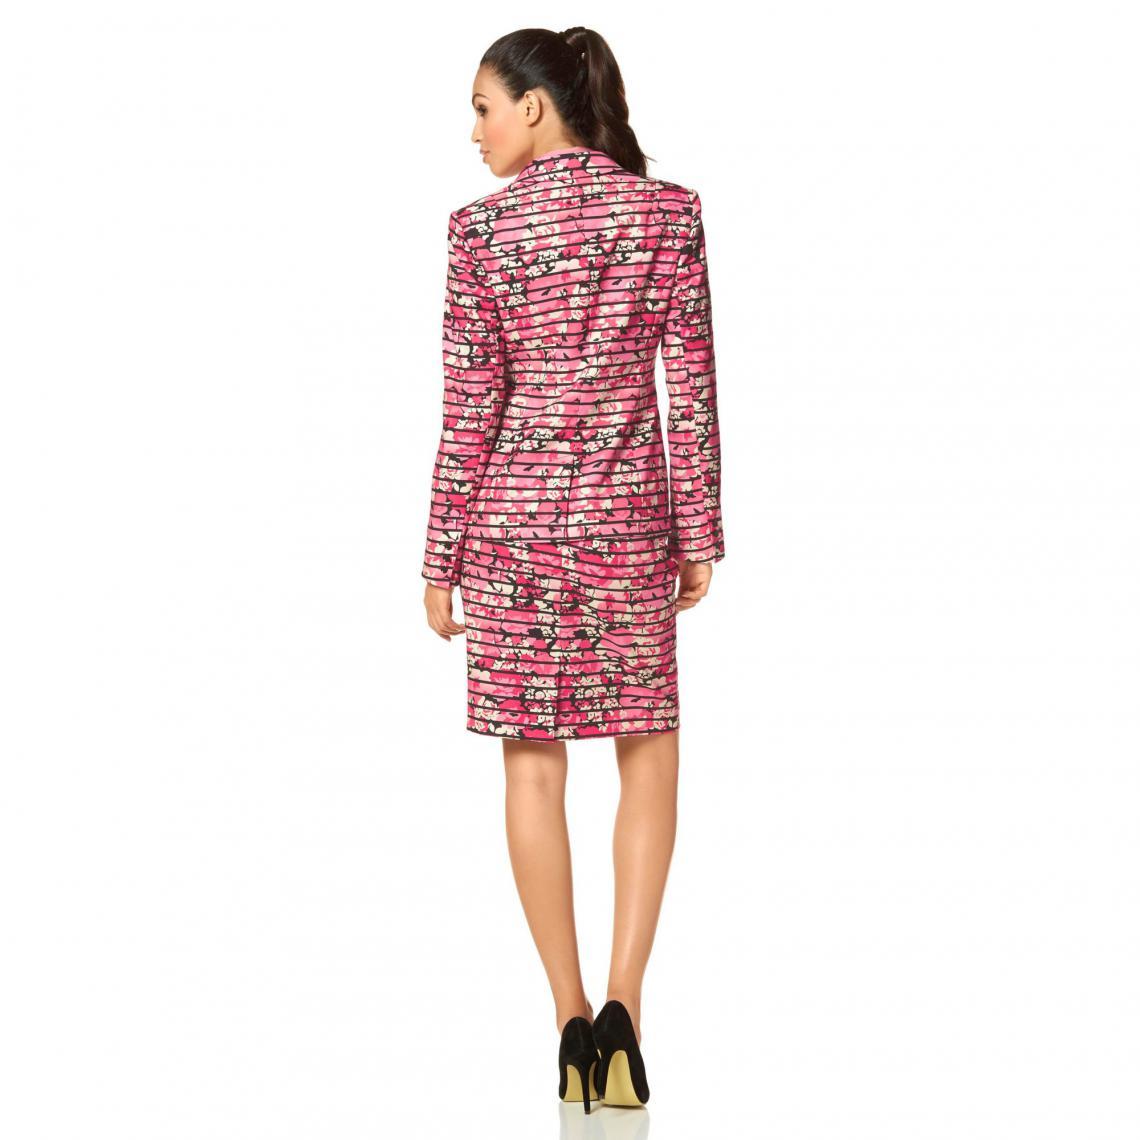 aea1f627ccb8d9 Veste tailleur manches longues motif floral femme Bruno Banani ...